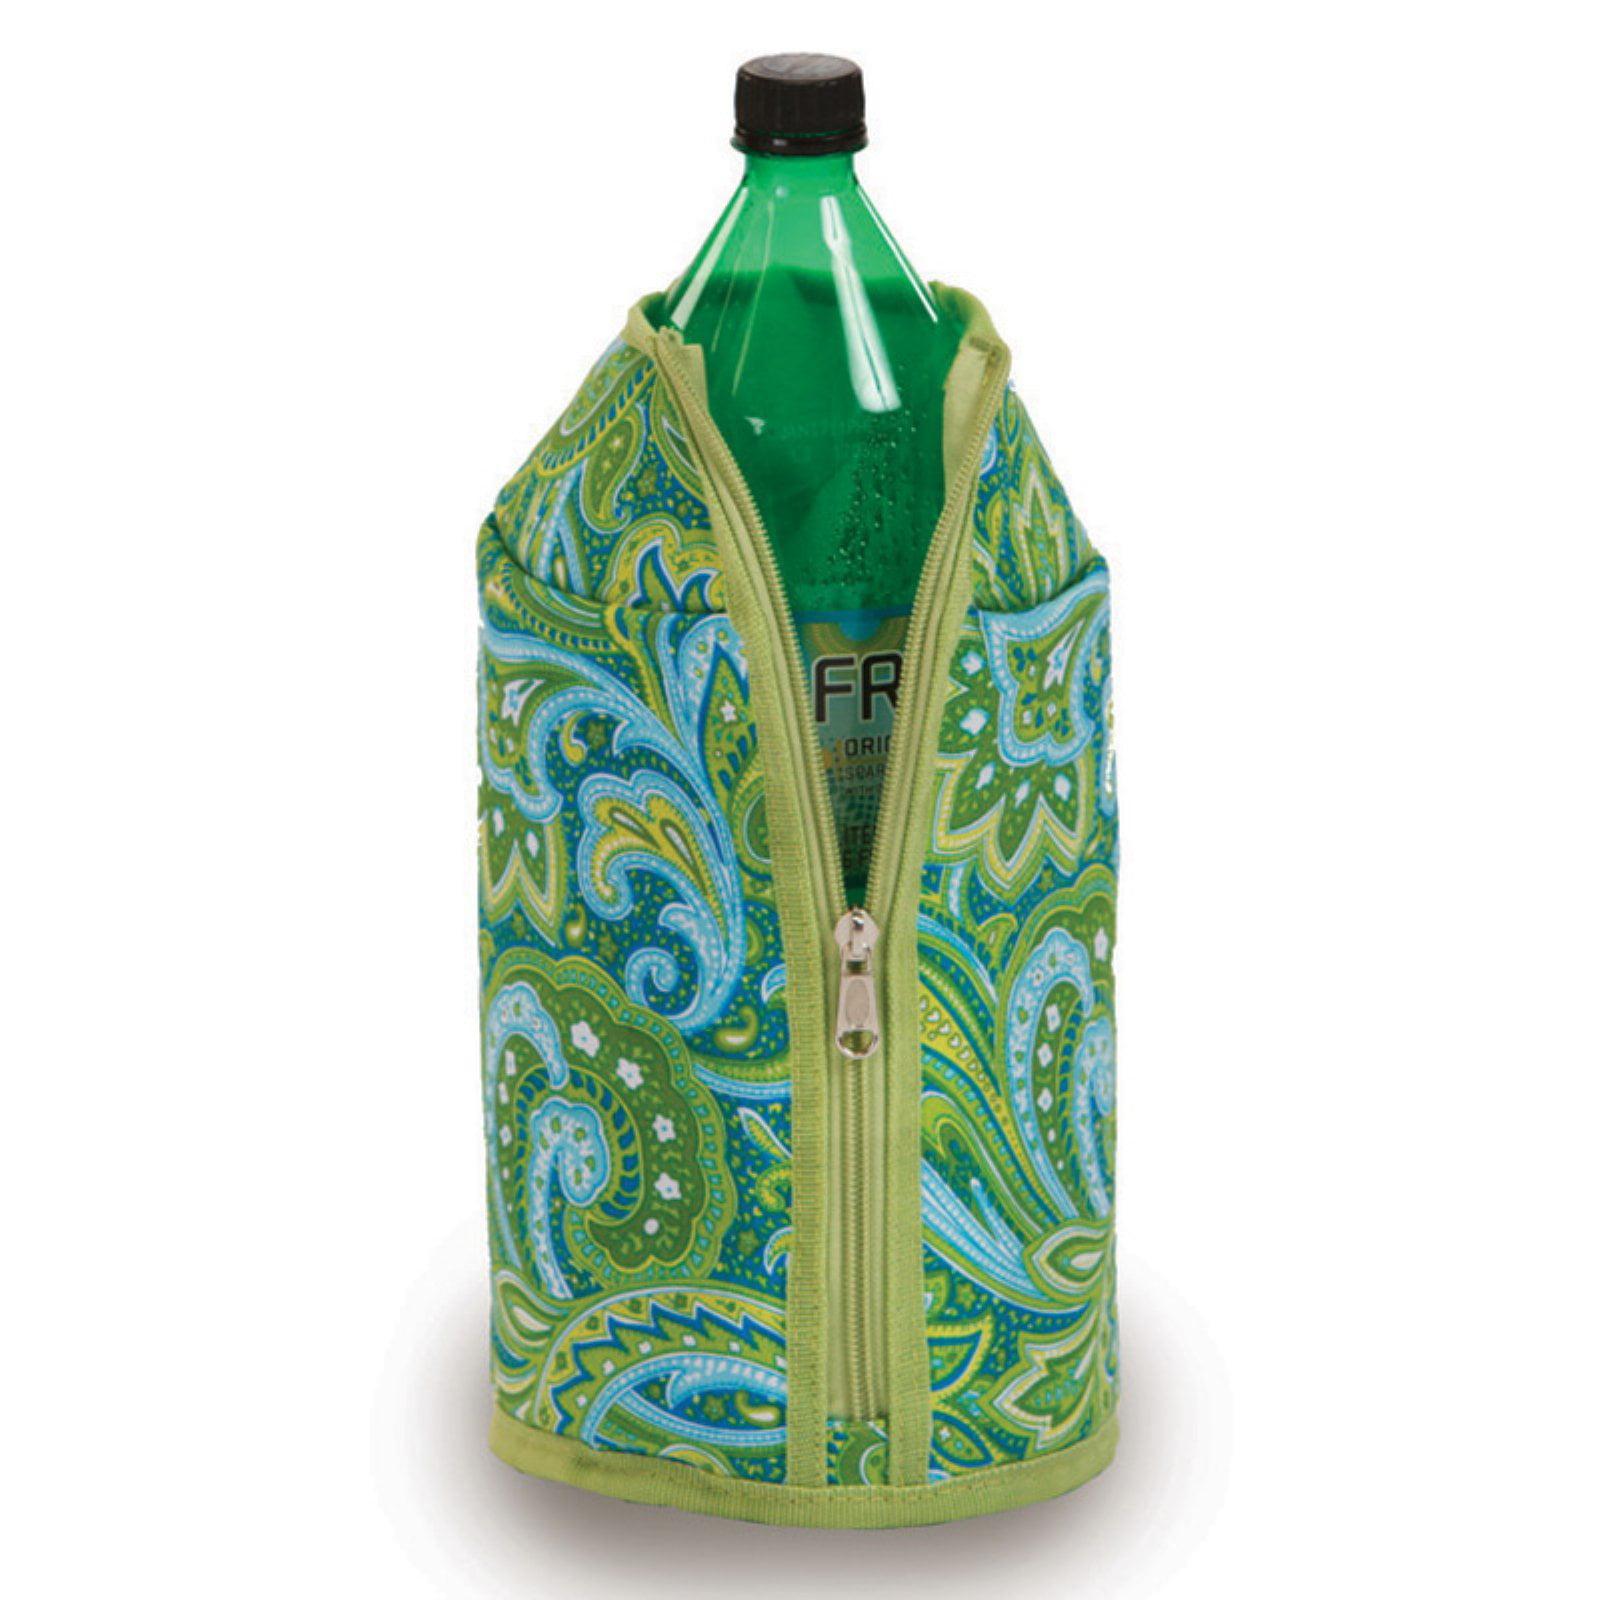 Picnic Plus 2 Litre Green Paisley Jacket by Picnic Plus